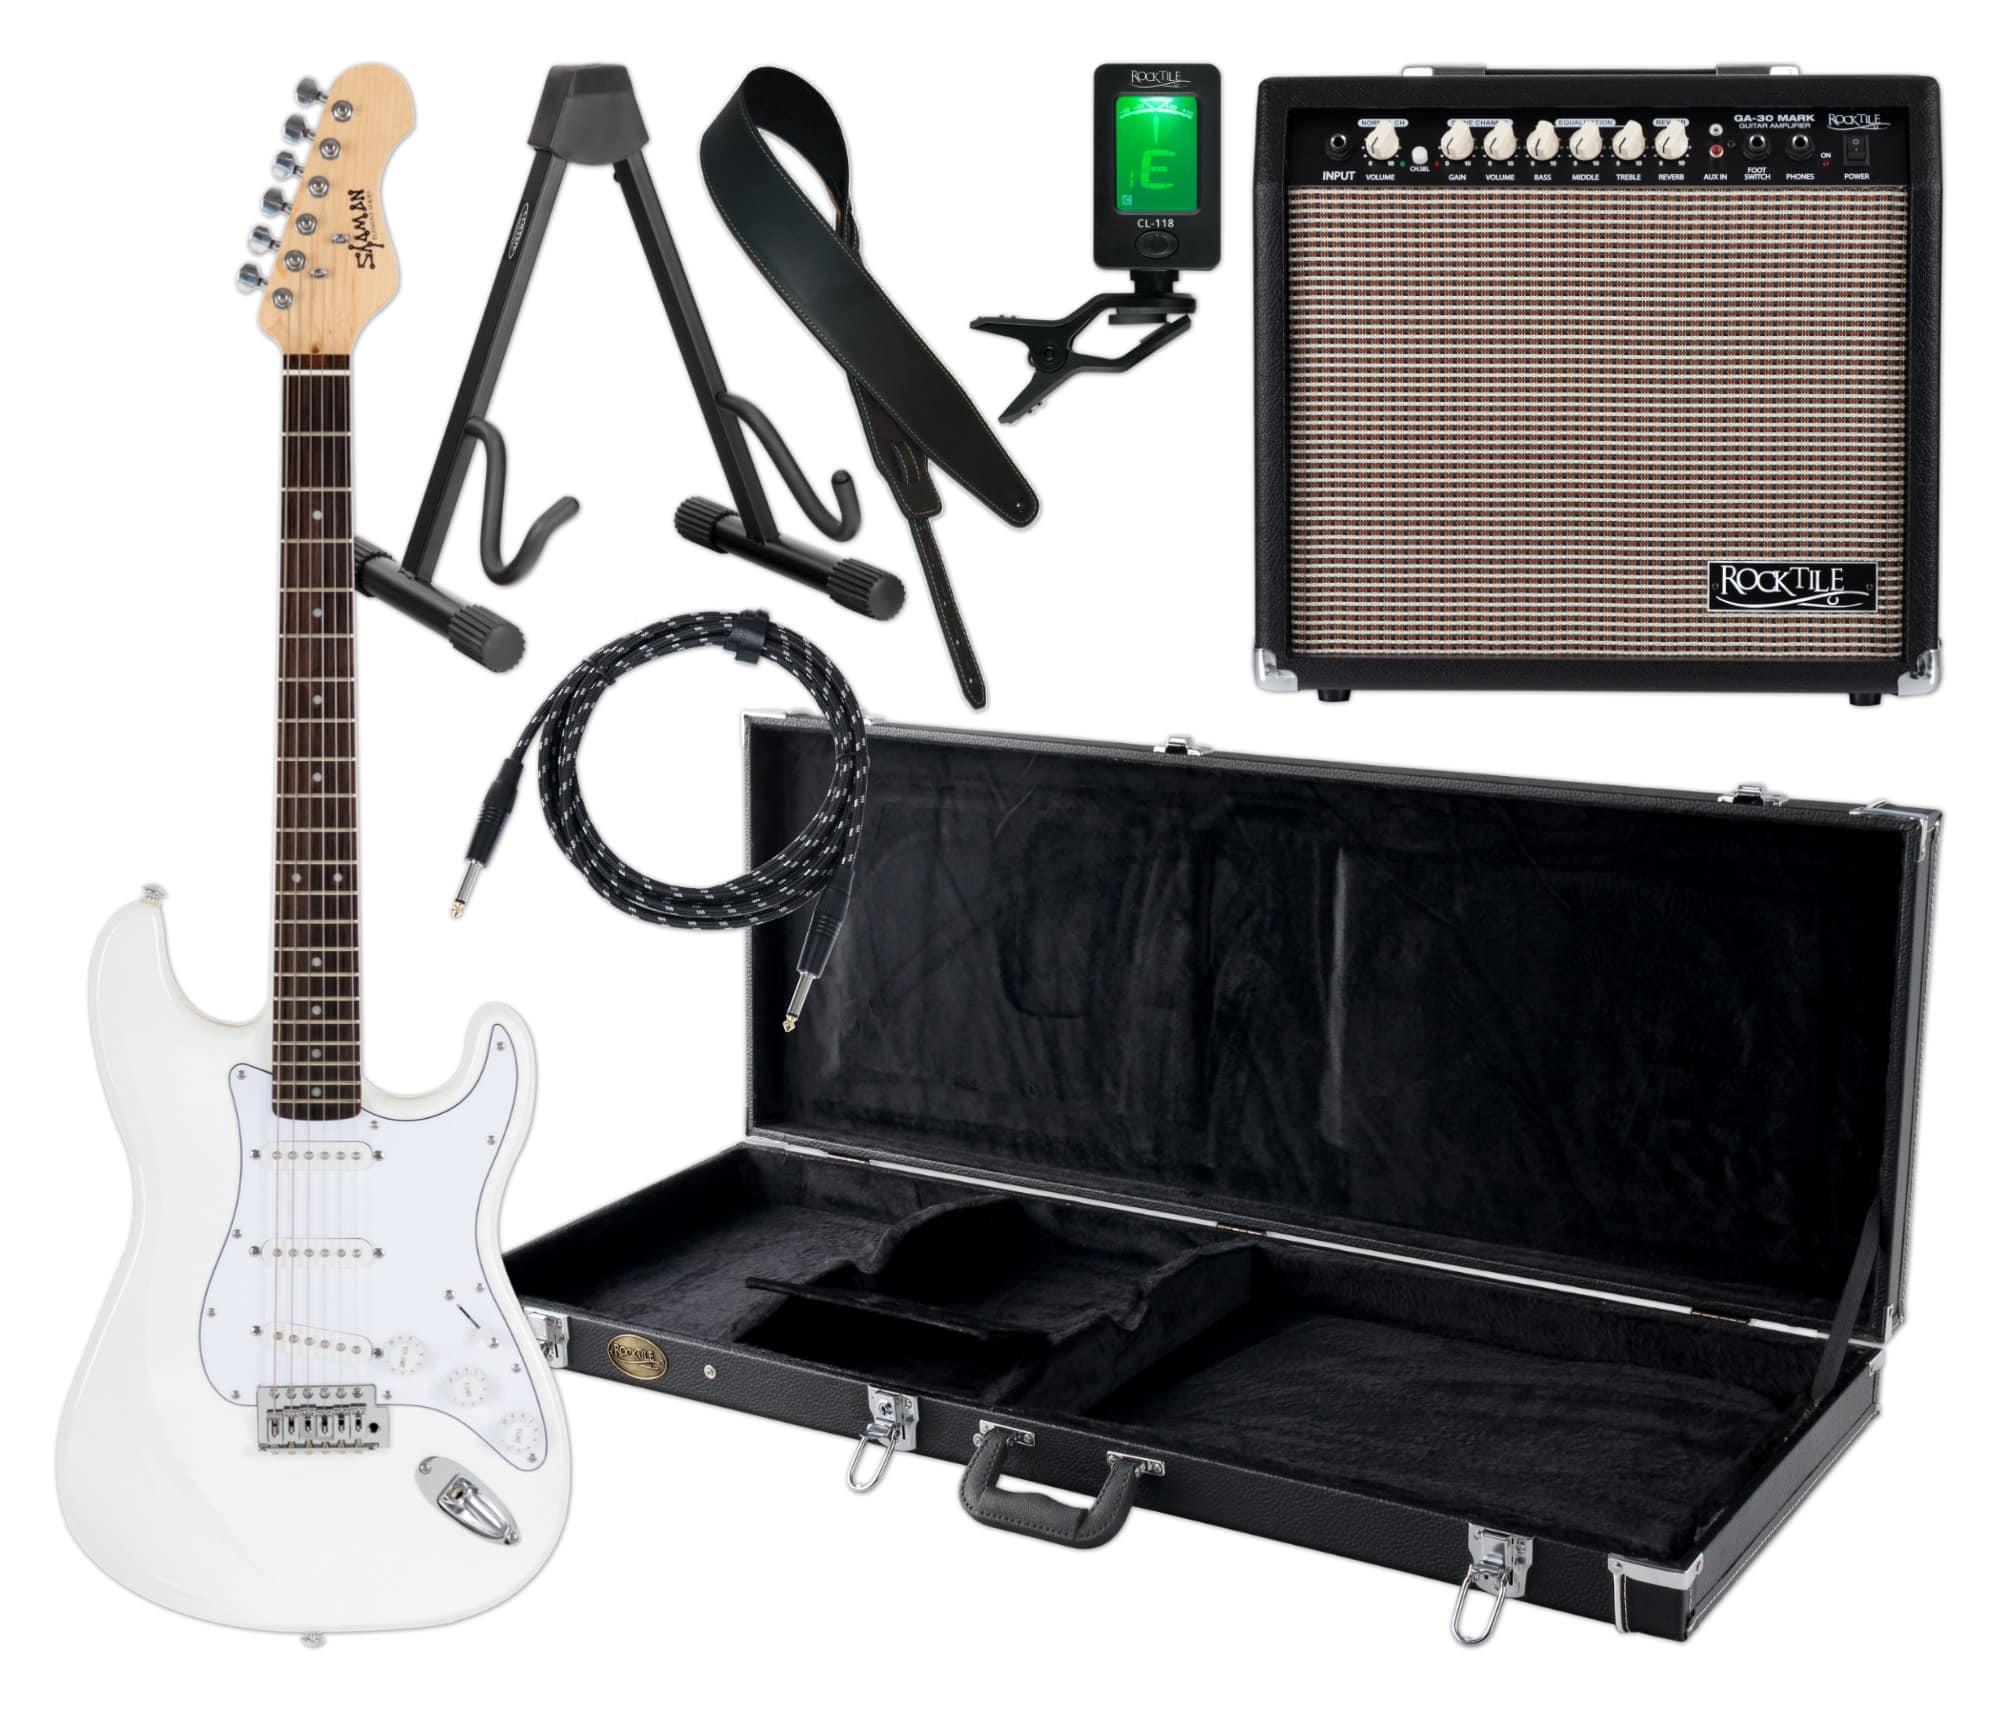 Egitarren - Shaman Element Series STX 100W Komplett Set - Onlineshop Musikhaus Kirstein